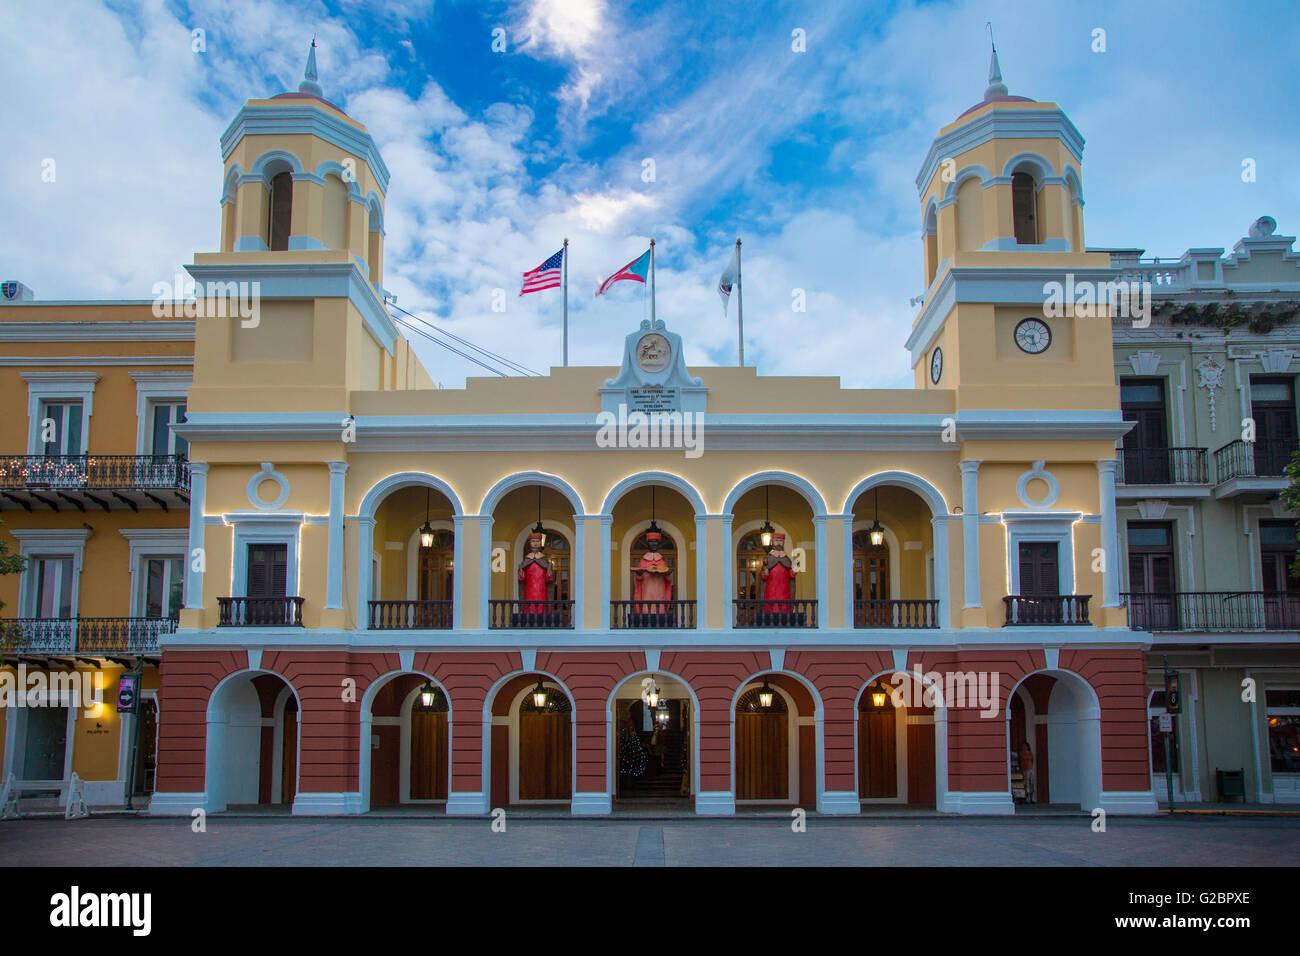 Municipio edificio a Plaza de Armas, San Juan, Puerto Rico Immagini Stock